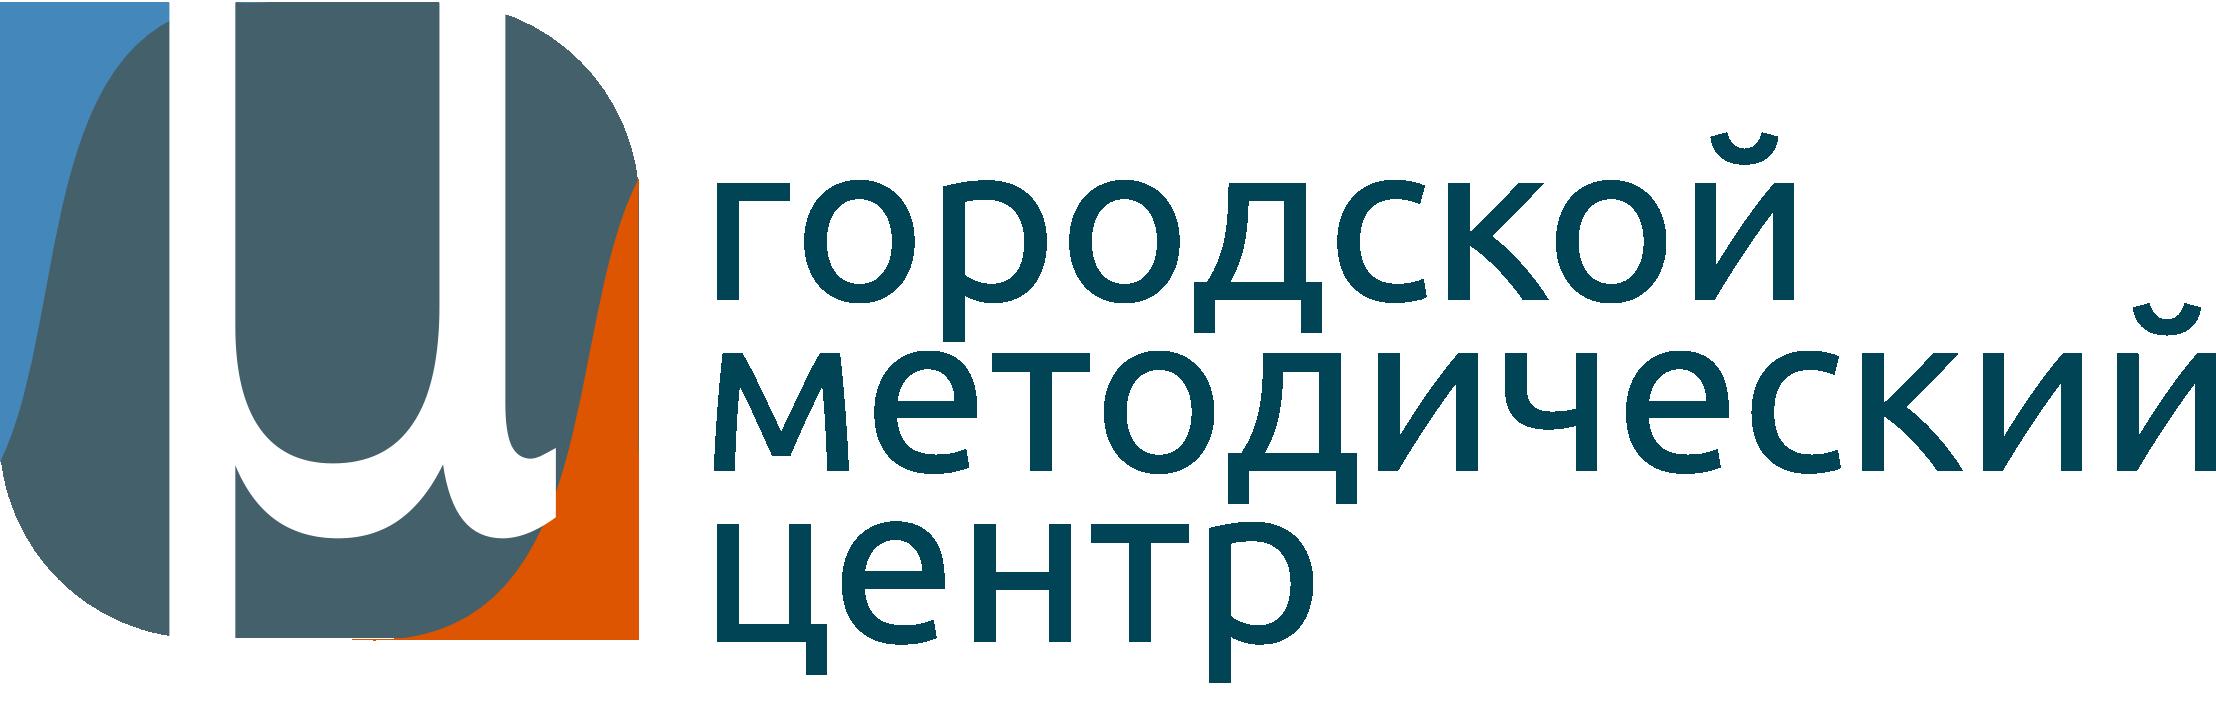 Государственное бюджетное образовательное учреждение Городской методический центр